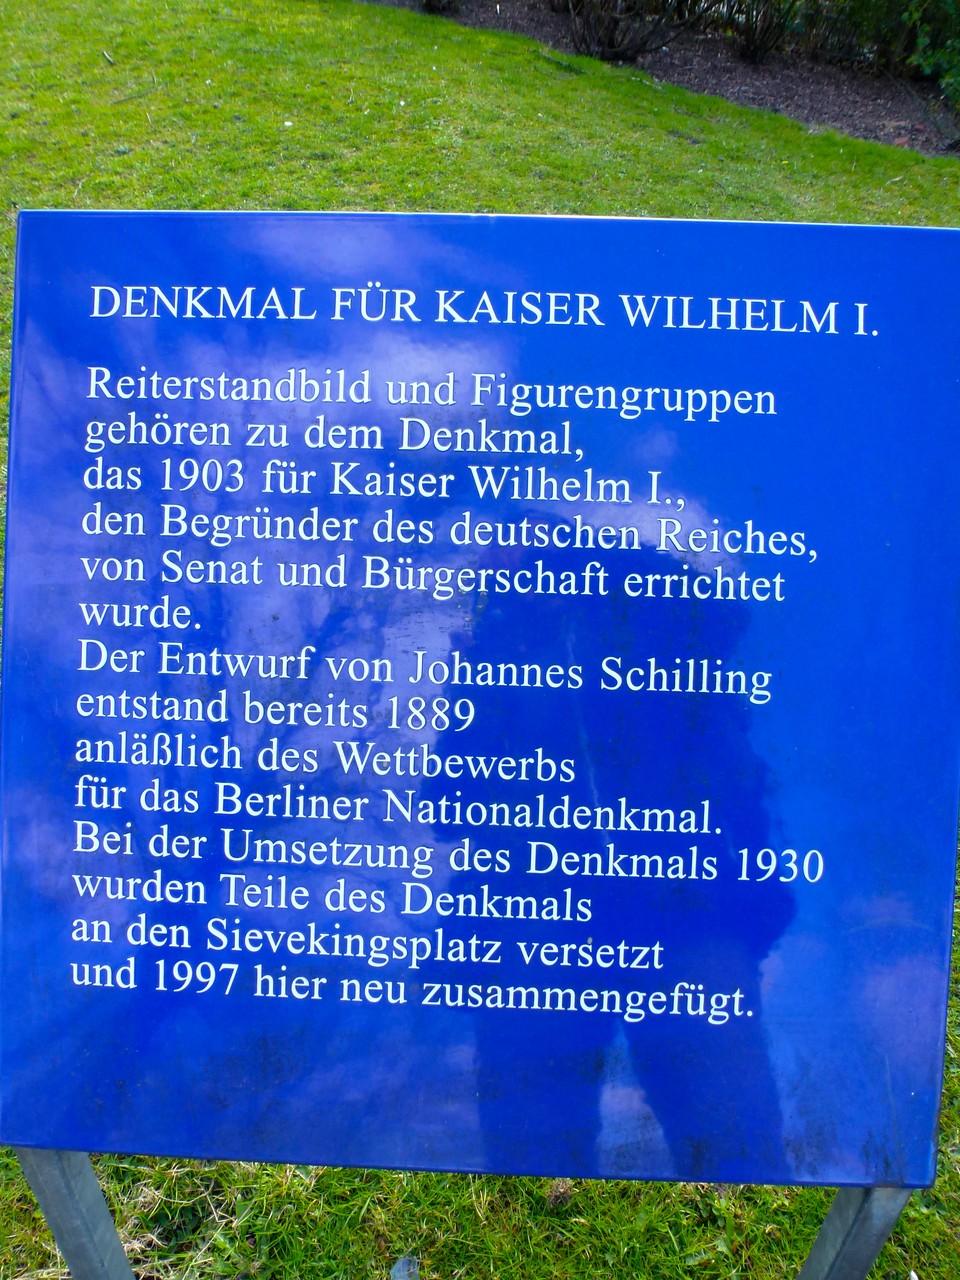 Tafel an der Statue Kaiser Wilhelm I.